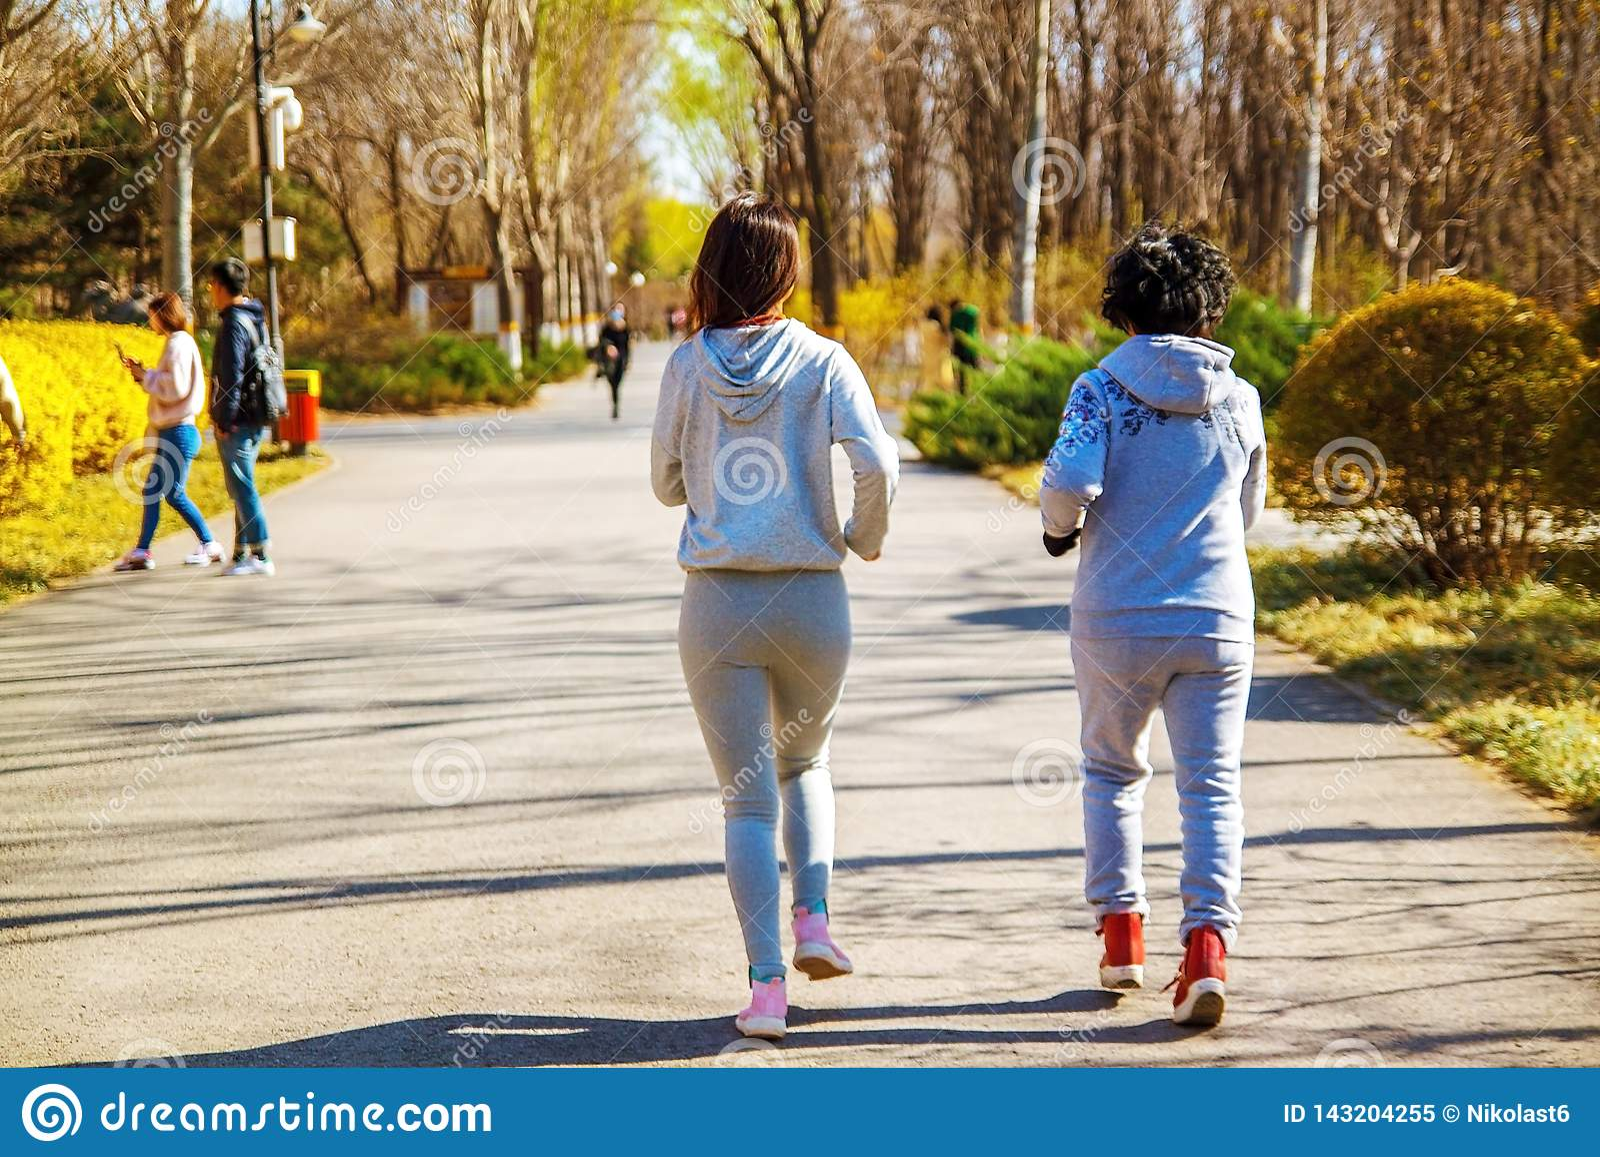 Μητέρα και ενήλικη κόρη που τρέχουν για τον αθλητισμό στο πάρκο για την καλύτερη ικανότητα